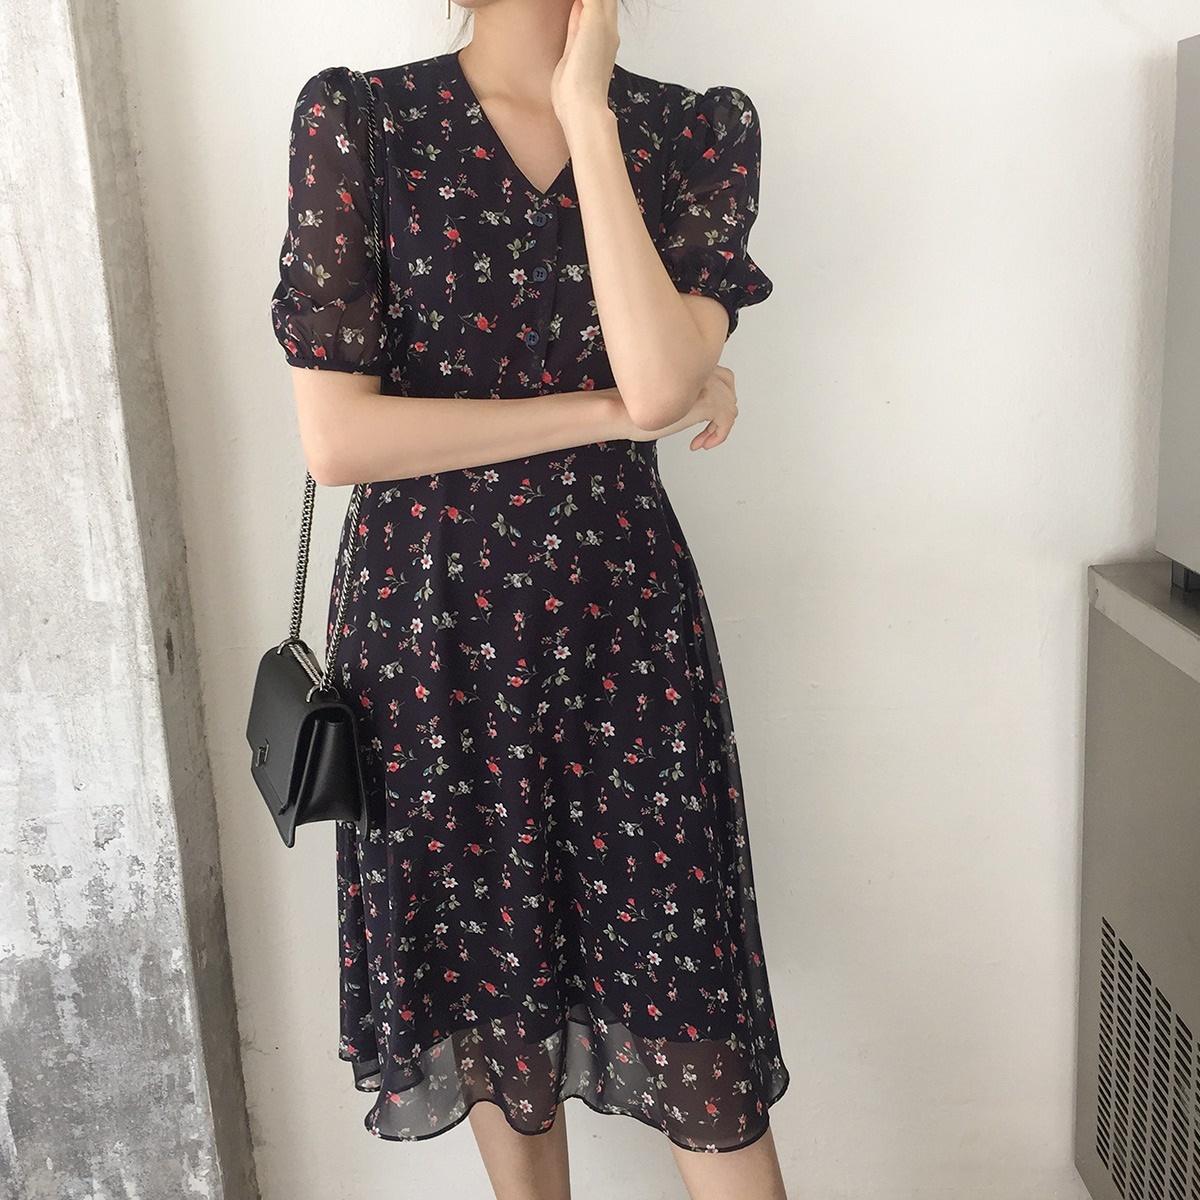 韓國正品 CHERRYKOKO 夏季新品 macam浪漫風V領短袖雪紡碎花連衣裙